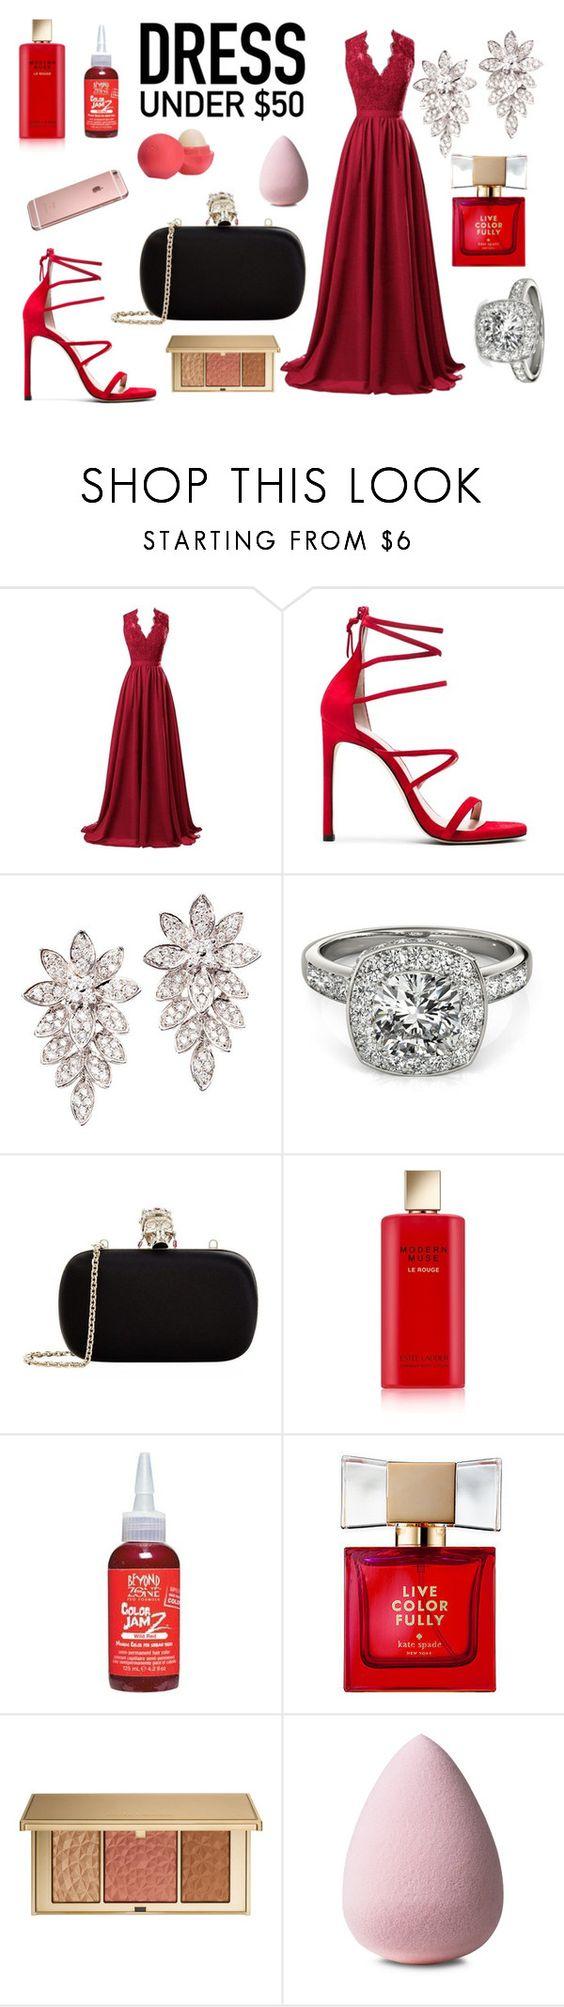 """""""#DressUnder50"""" by sashazaiats on Polyvore featuring мода, R&J, Allurez, Alexander McQueen, Estée Lauder, Beyond the Zone, Kate Spade, Eos и Dressunder50"""